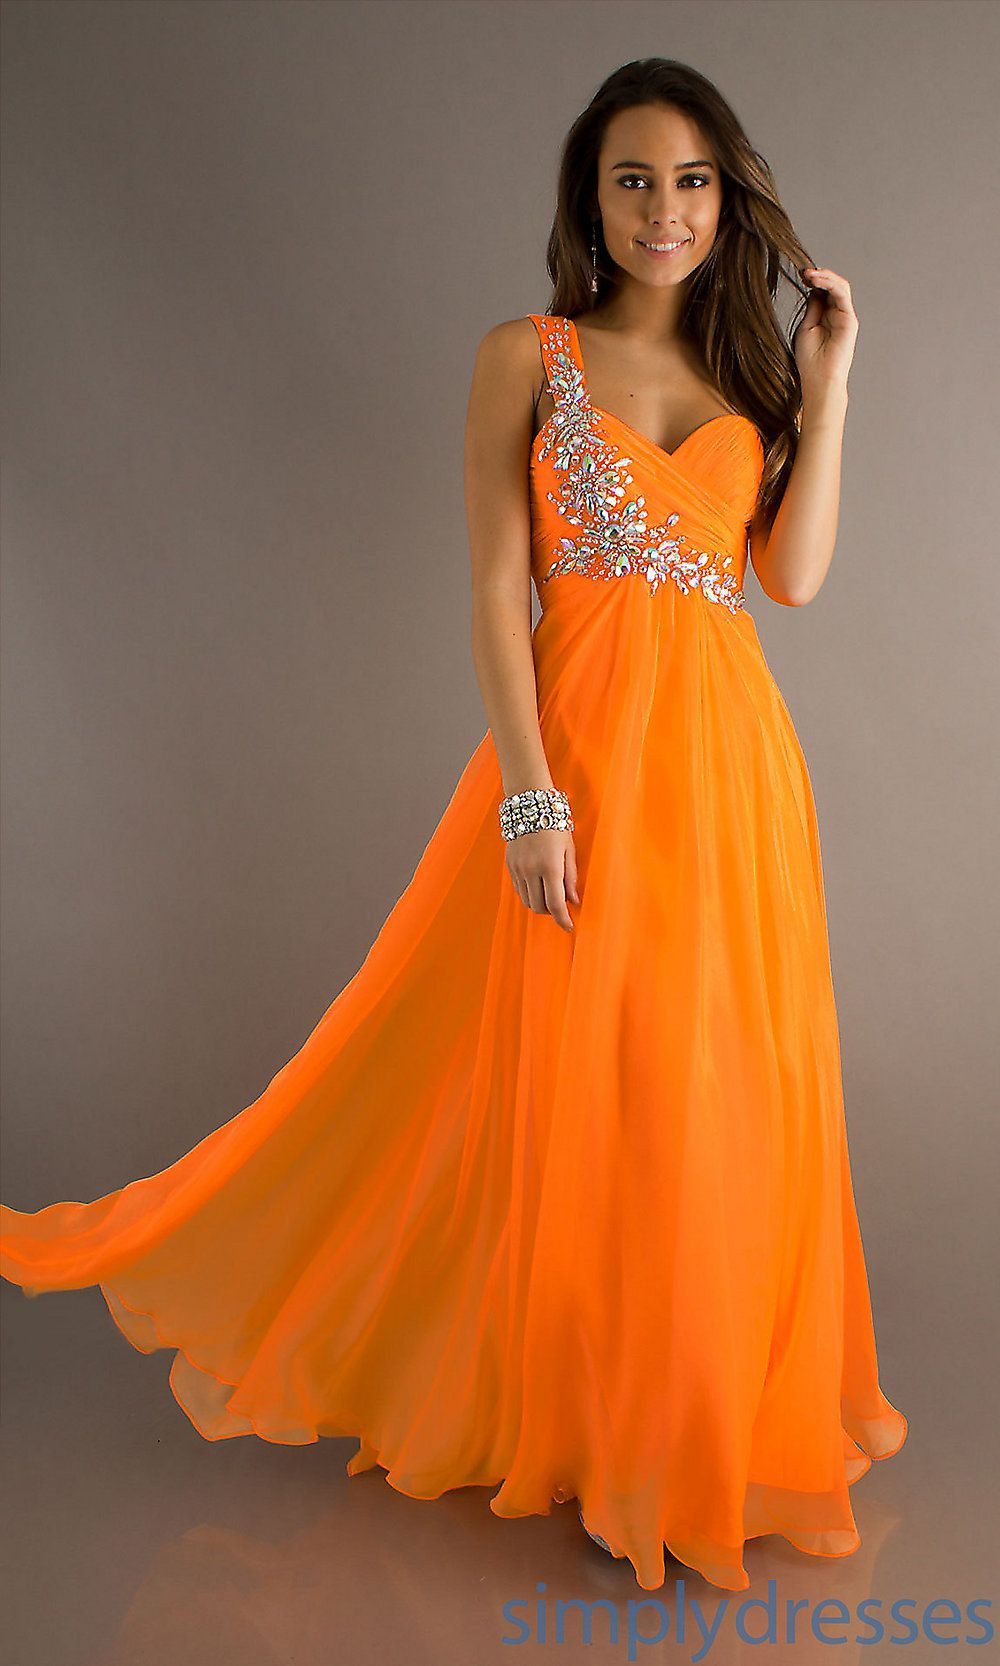 elegant orange dresses photo - 1